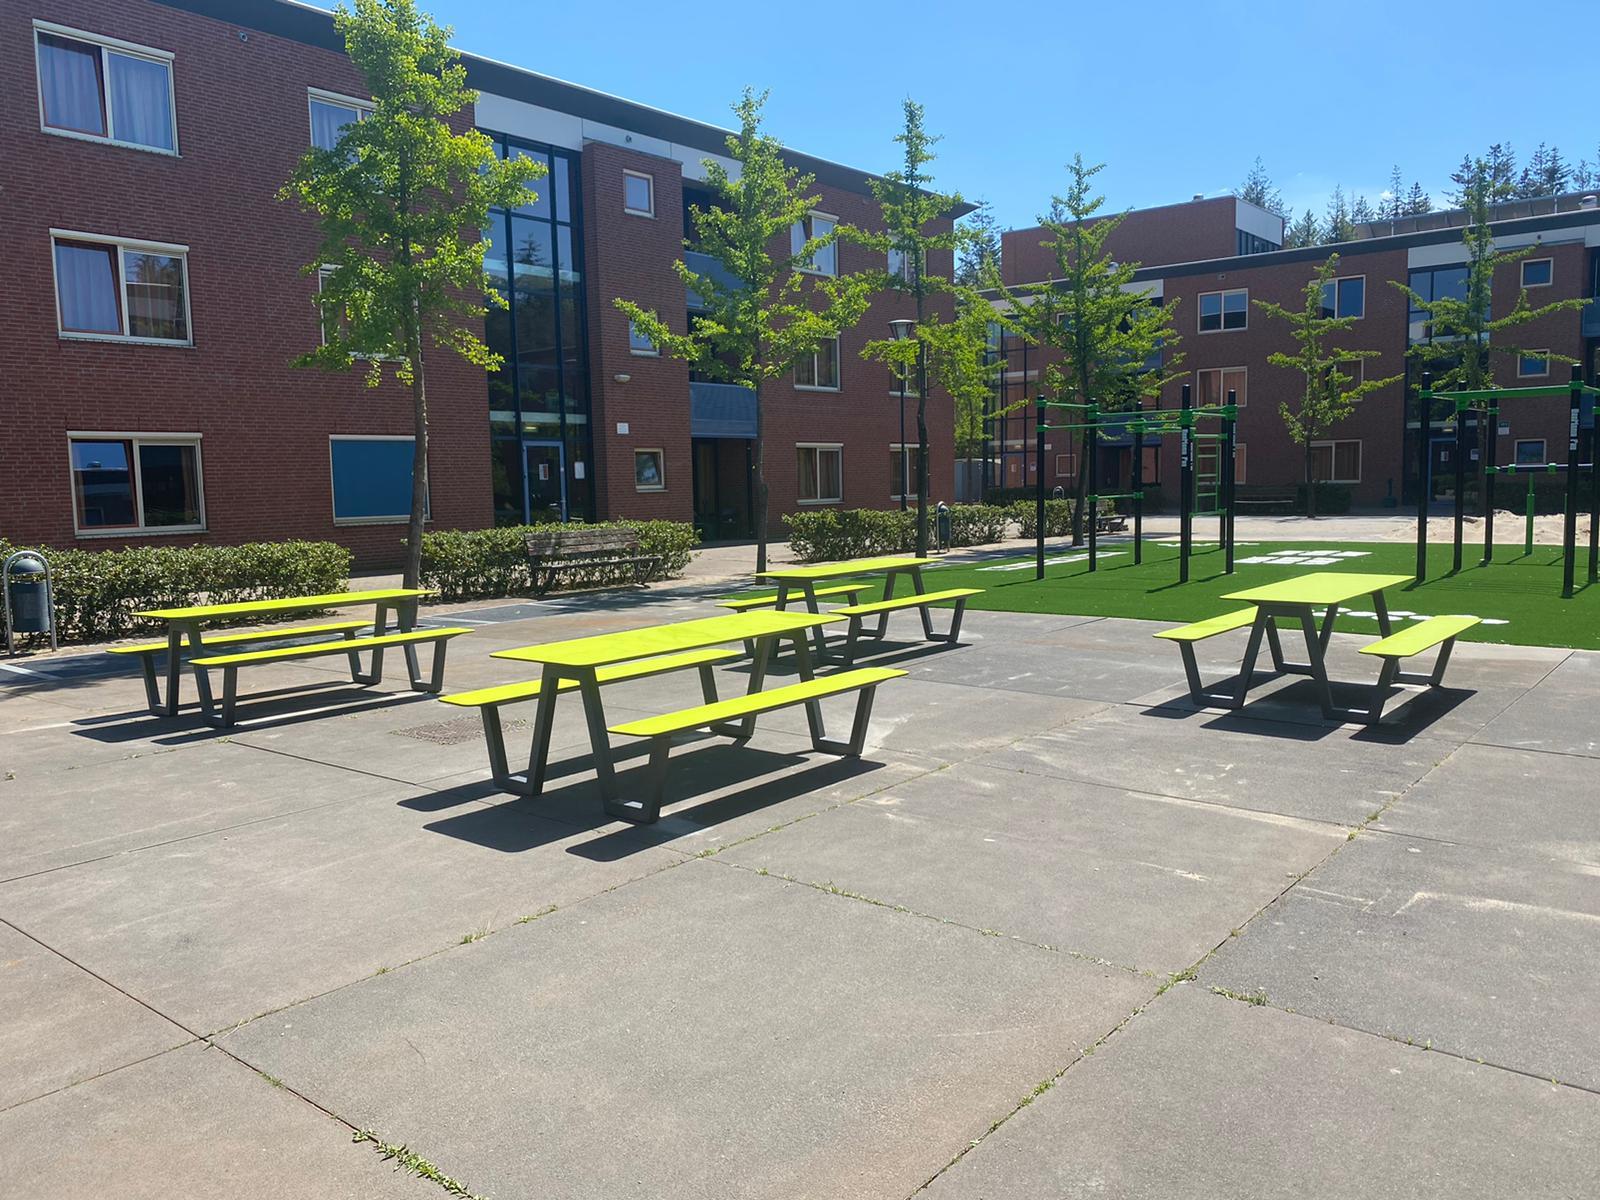 Picnic HPL picknicktafel voor schoolpleinen, kantines en aula's